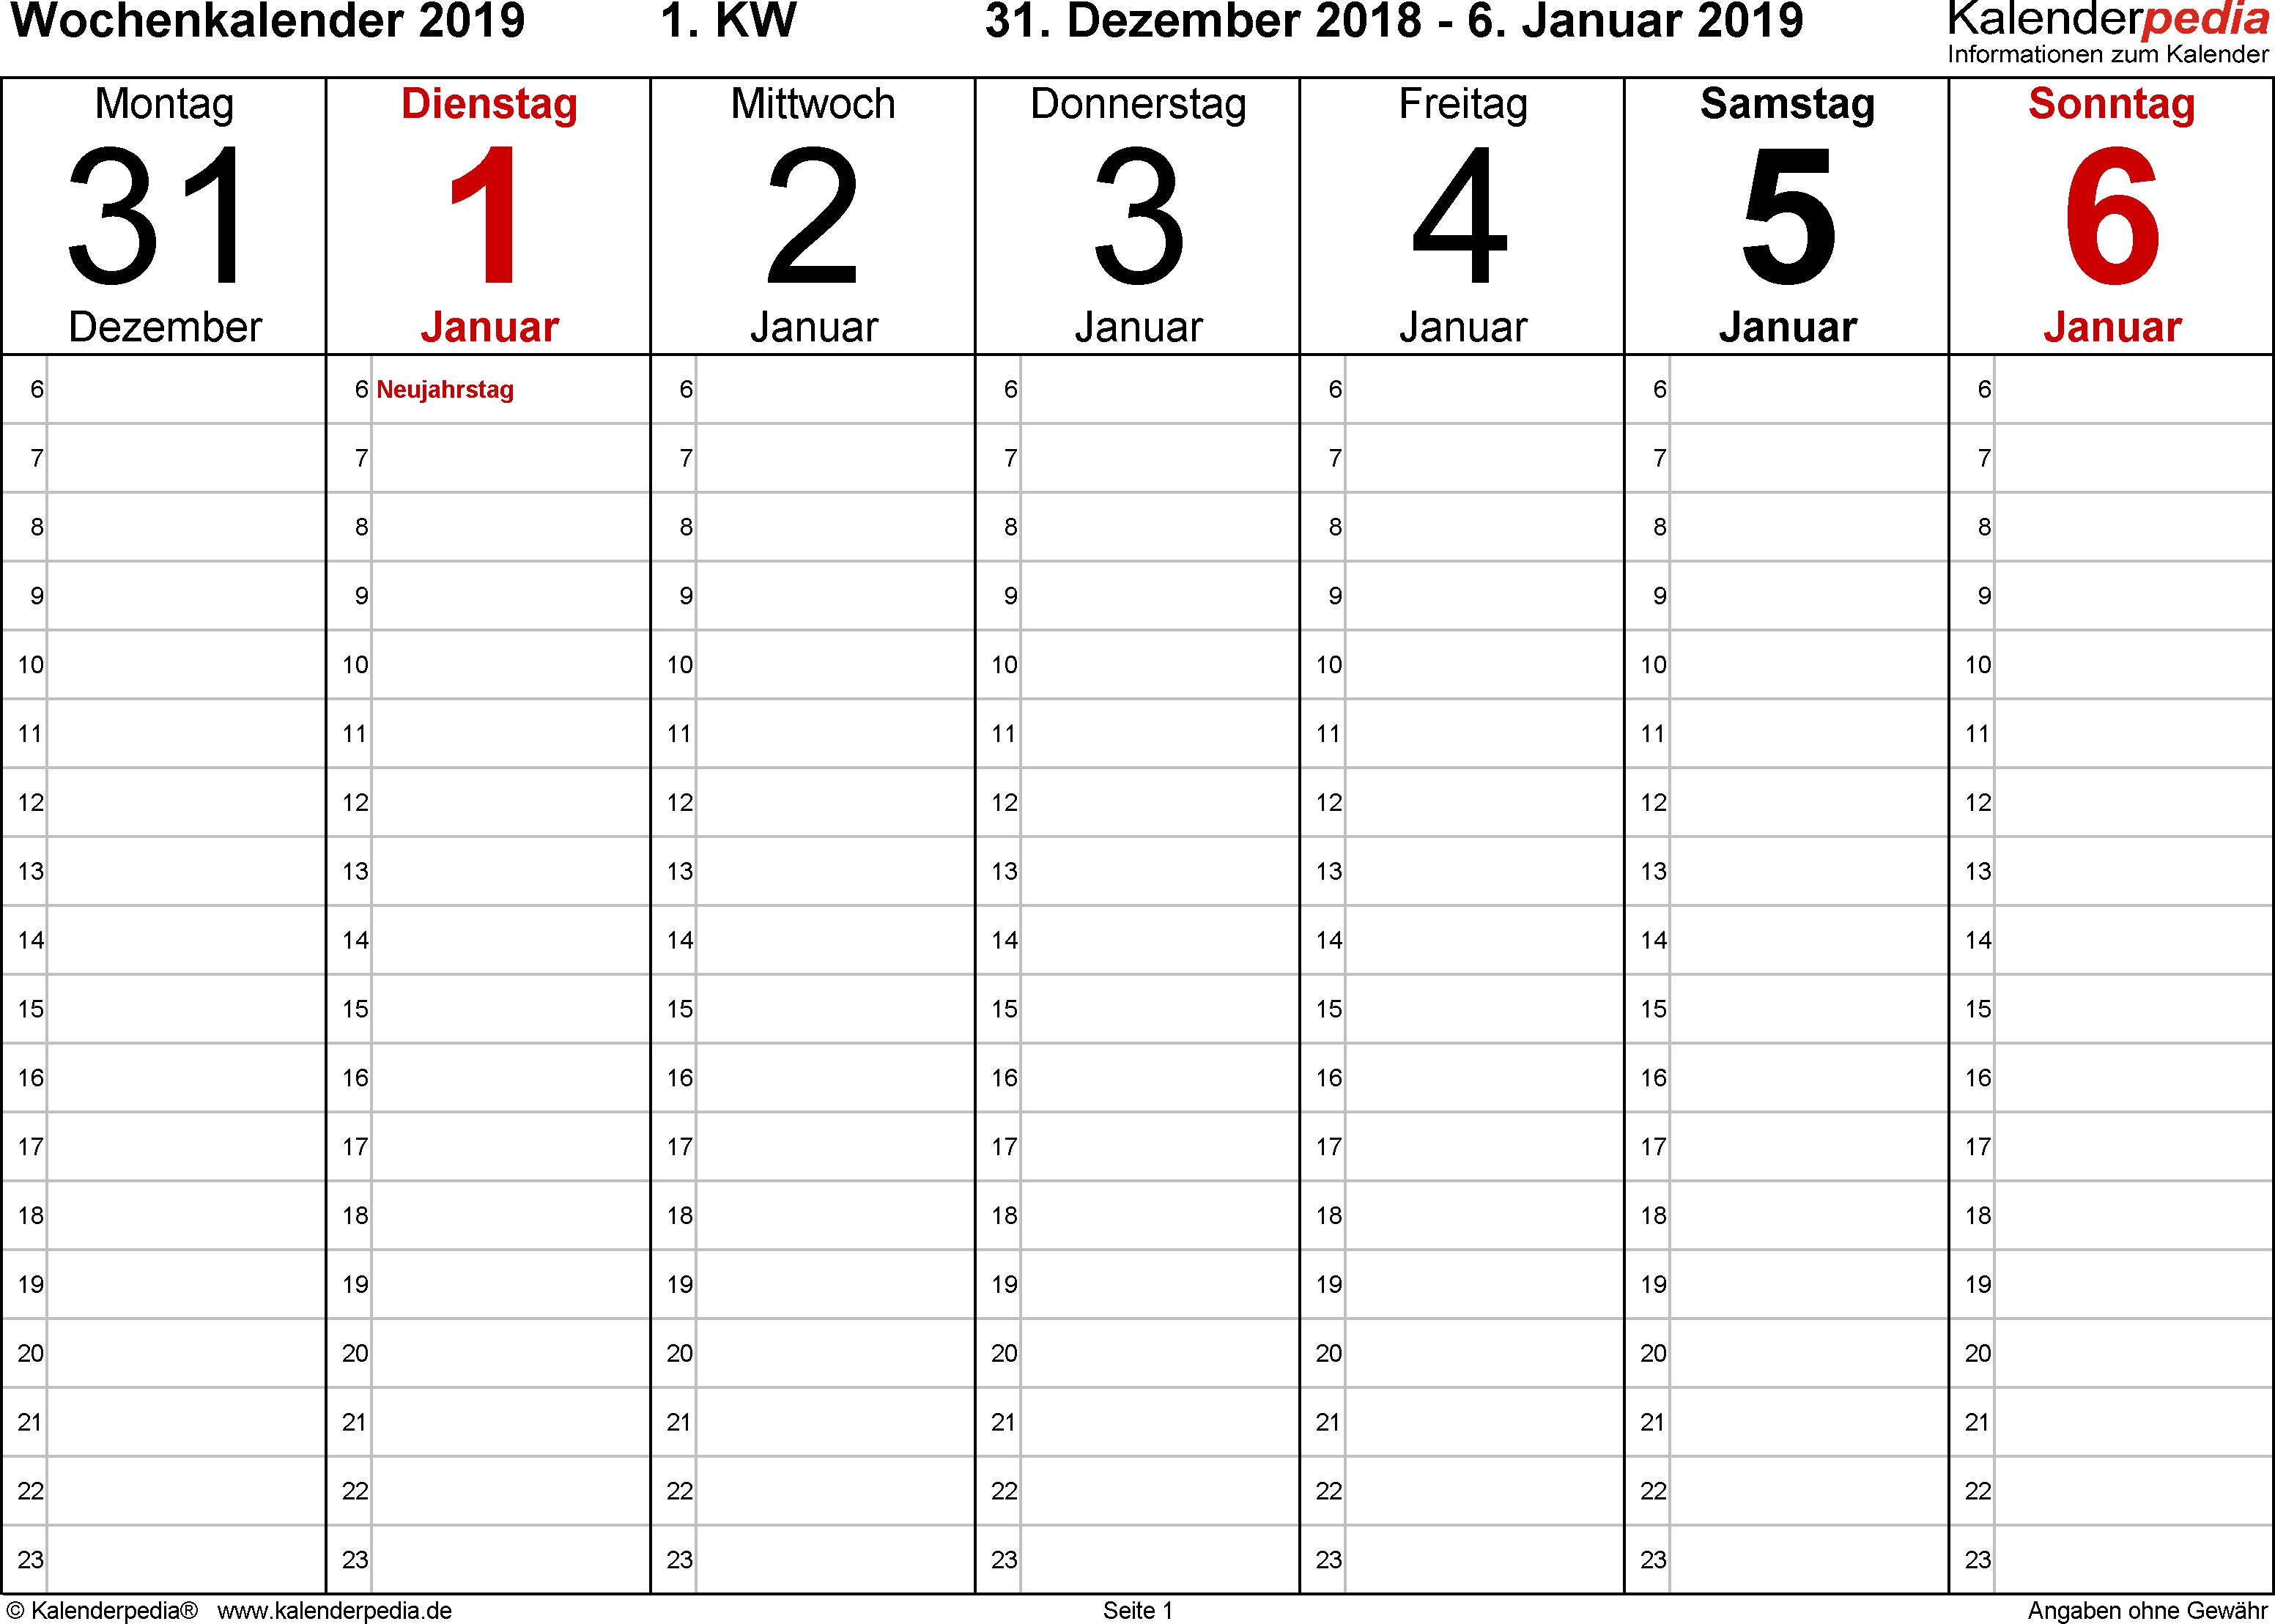 Vorlage 4: Wochenkalender 2019 als PDF-Vorlage, Querformat, 53 Seiten (1 Woche auf 1 Seite)